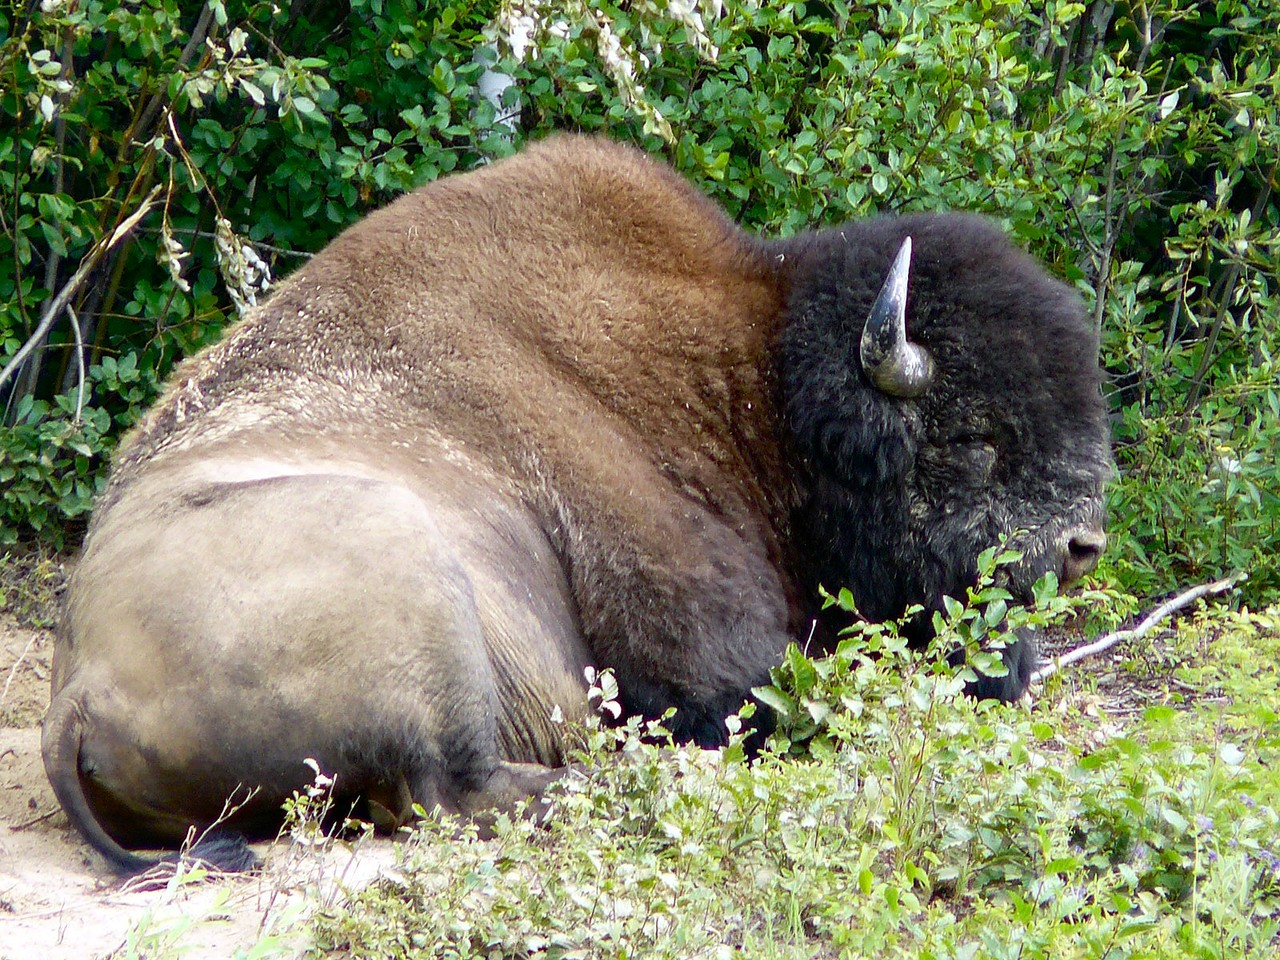 <B>Ein stattlicher Bison hat sein Plätzchen für den Mittagssschlaf gefunden